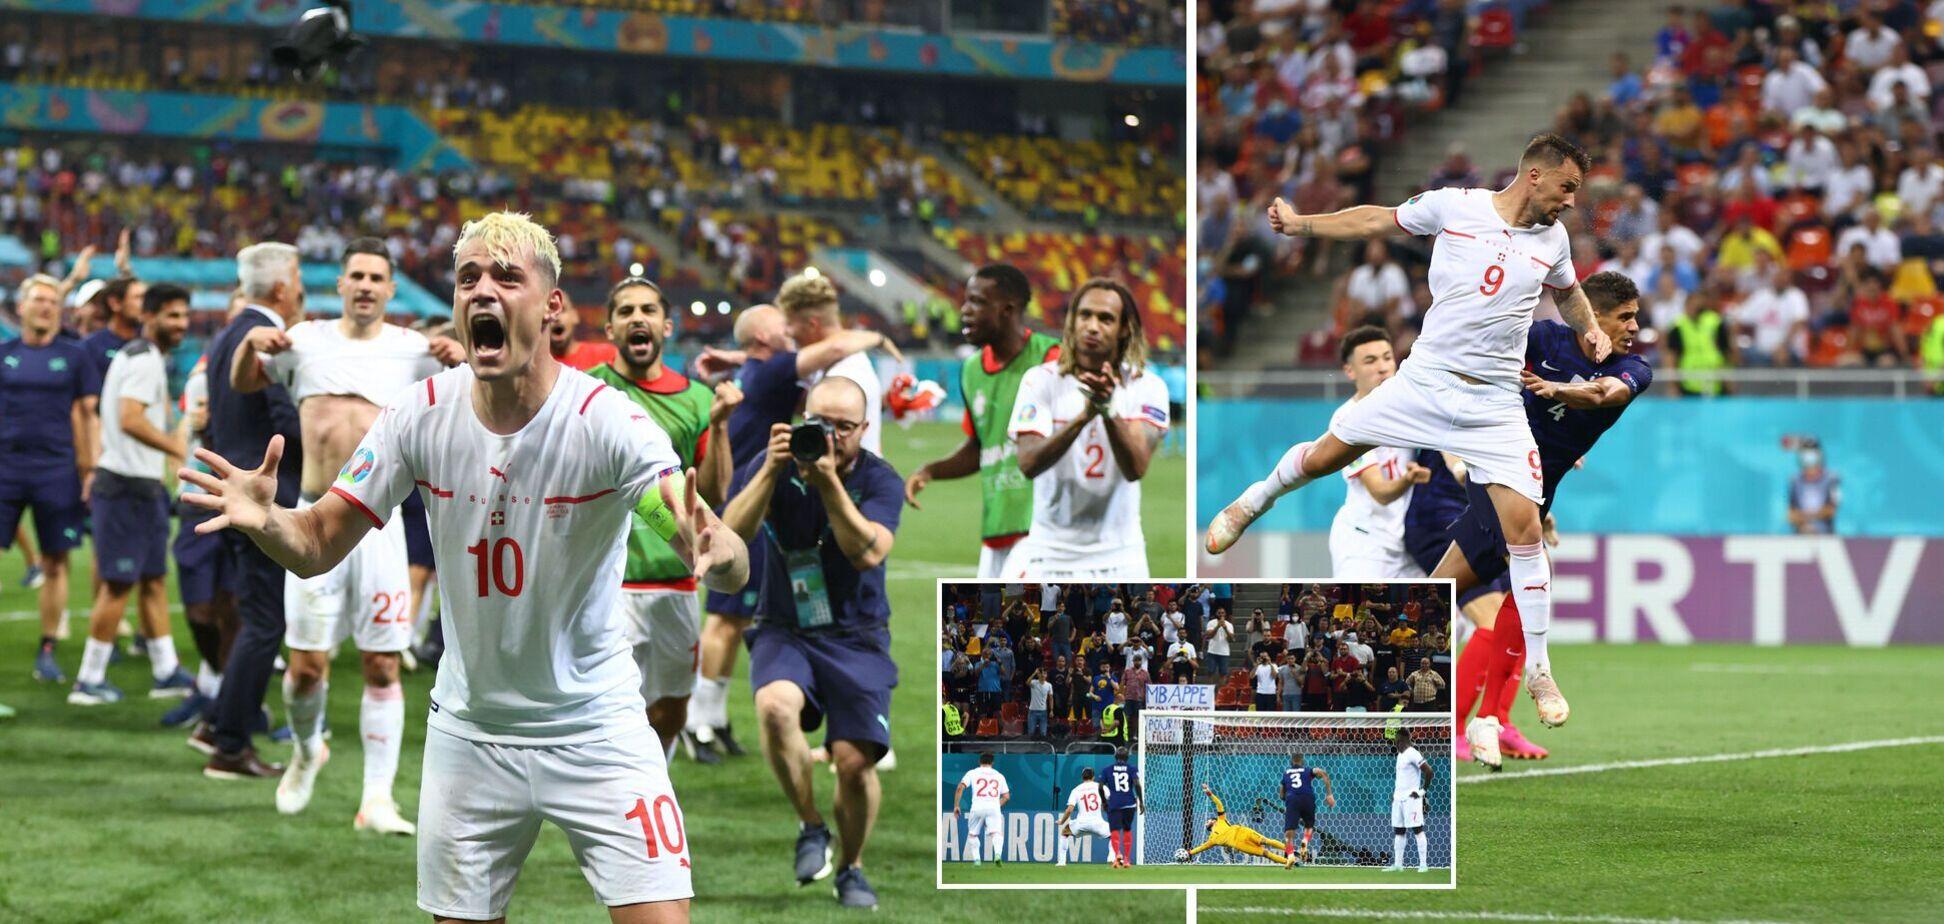 Франція по пенальті програла Швейцарії і вилетіла з Євро-2020. Сітка плей-оф, відео голів та статистика